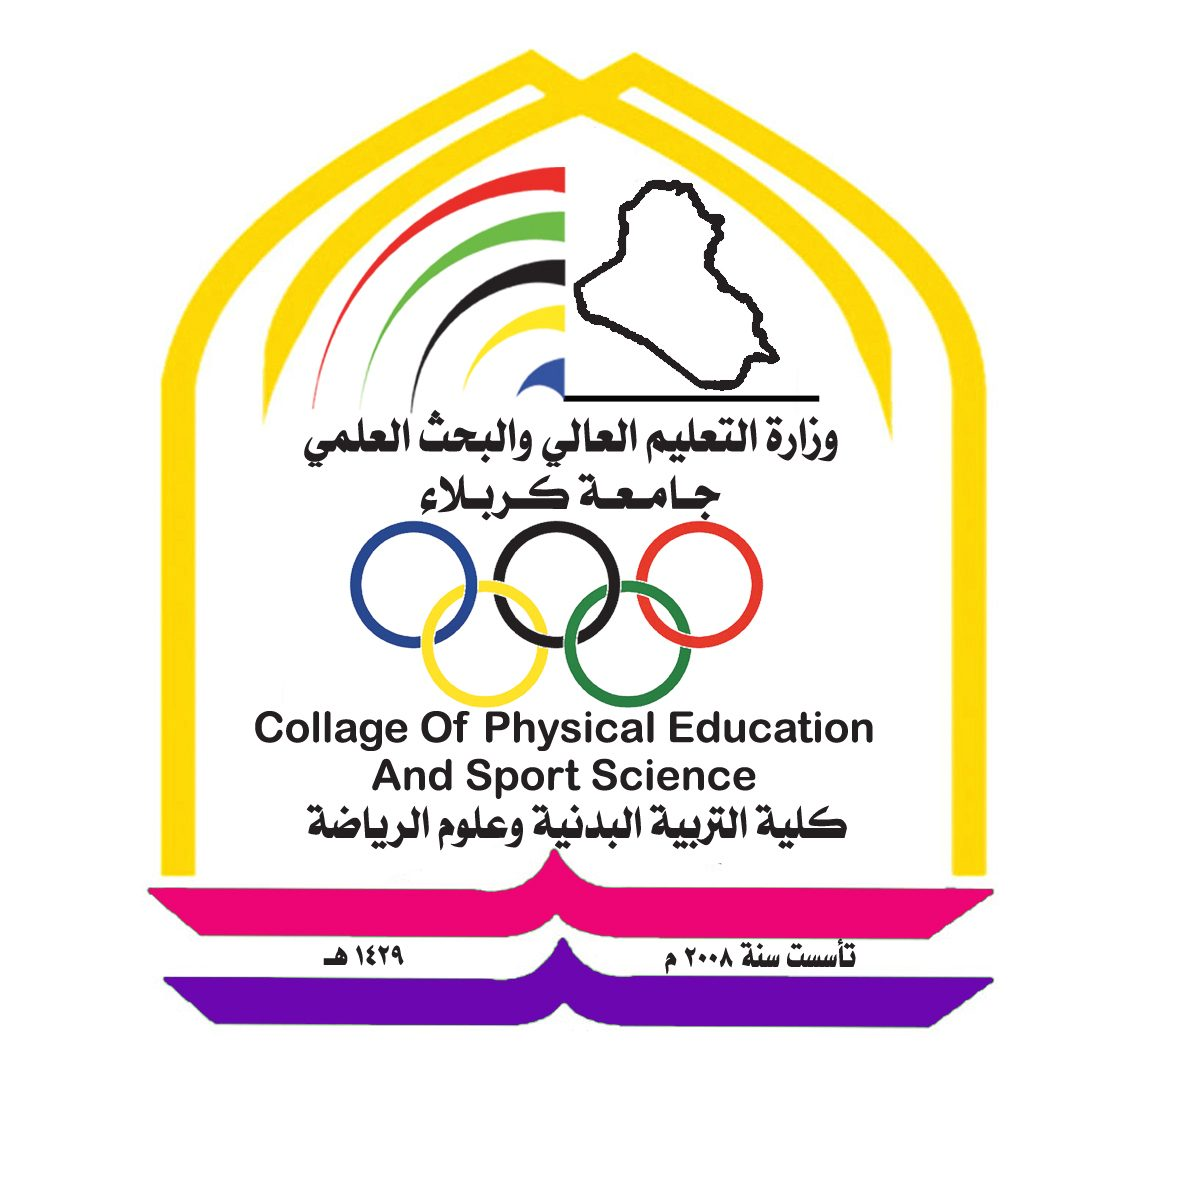 كلية التربية البدنية وعلوم الرياضة – جامعة كربلاء